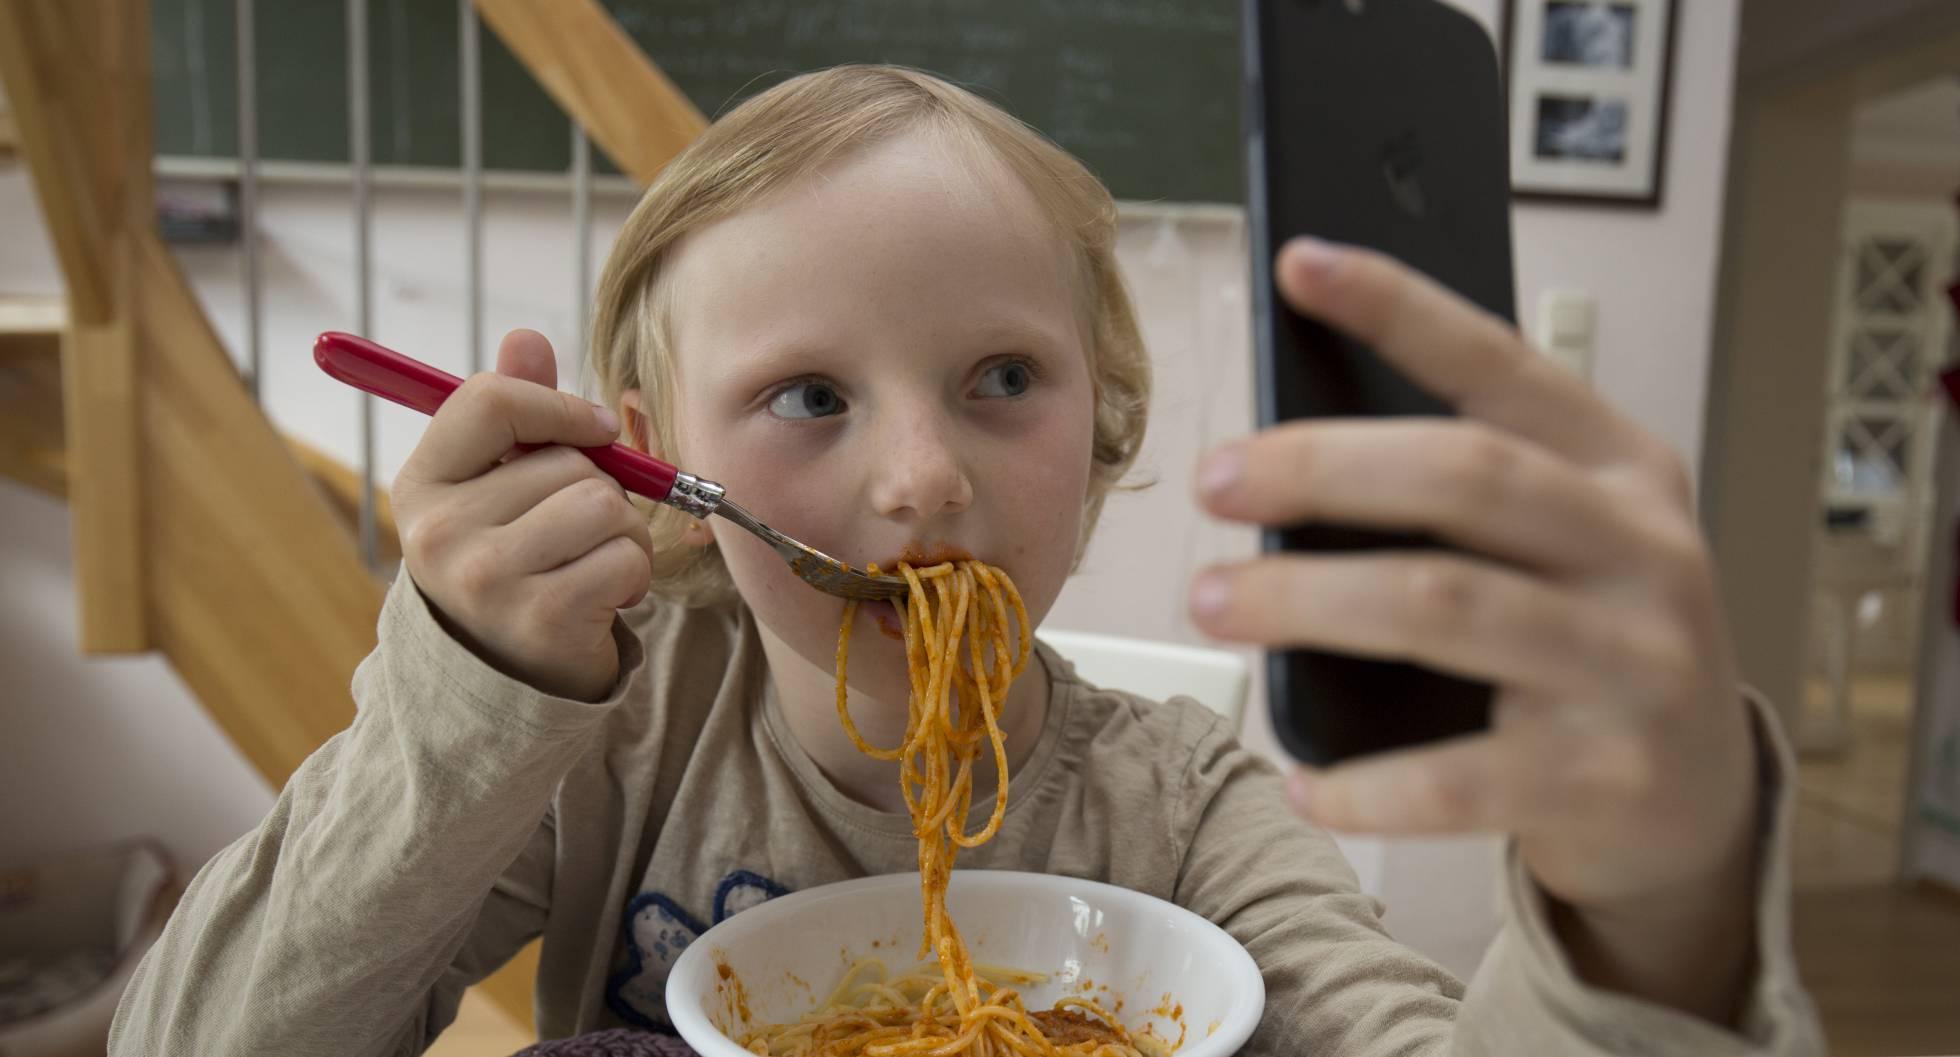 Quítale el móvil al niño